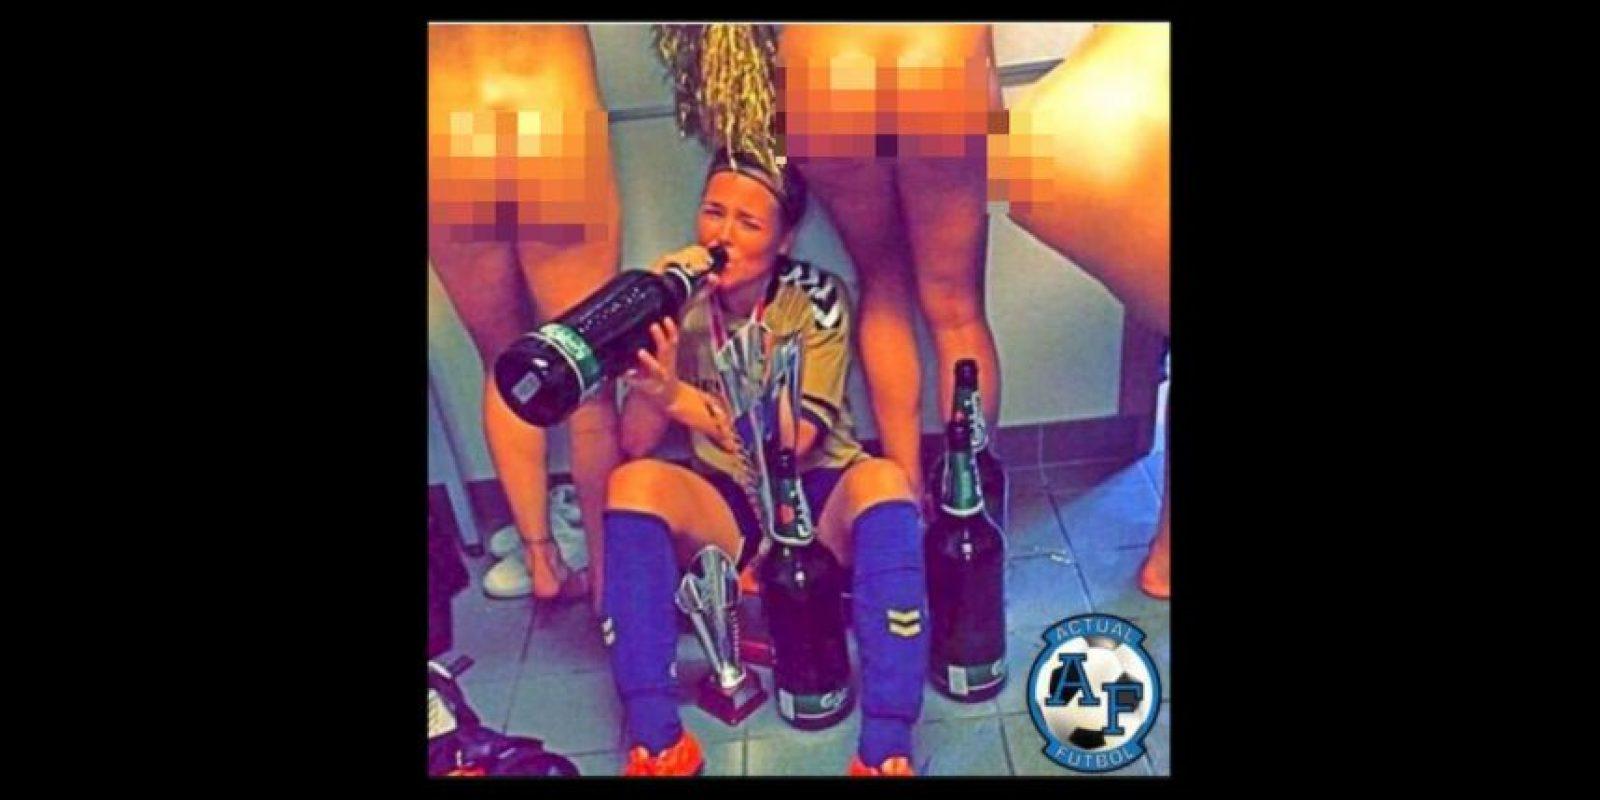 Theresa Nielsen, futbolista danesa del Brondby posteó esta imagen de la celebración por ganar la Liga y Copa, que después borró Foto:Twitter